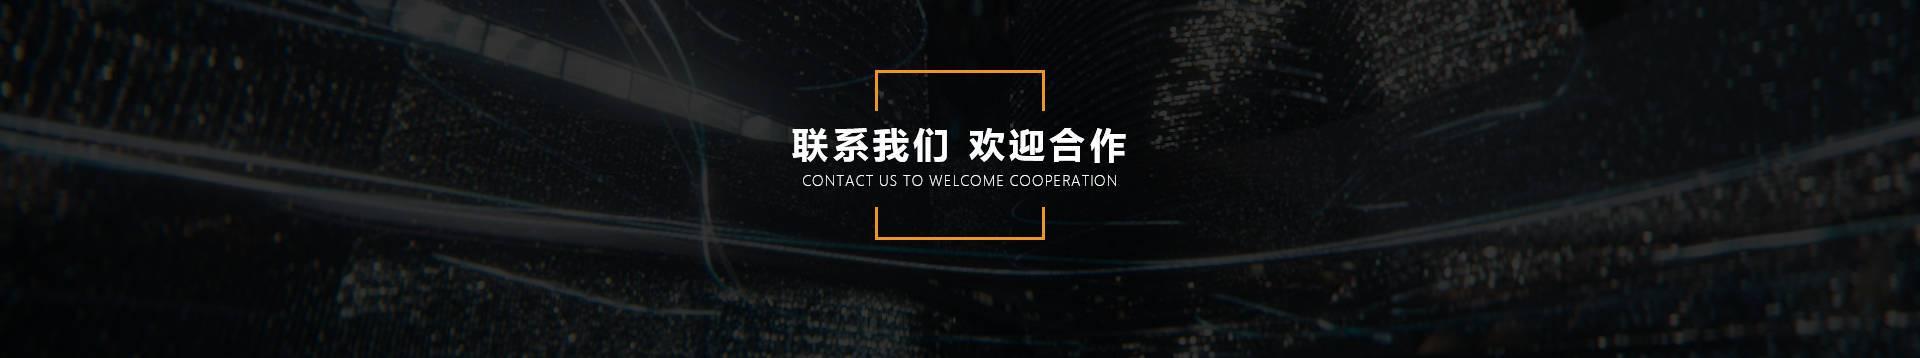 雷竞技newbee-雷竞技登录官网-雷竞技官方网站下载banner